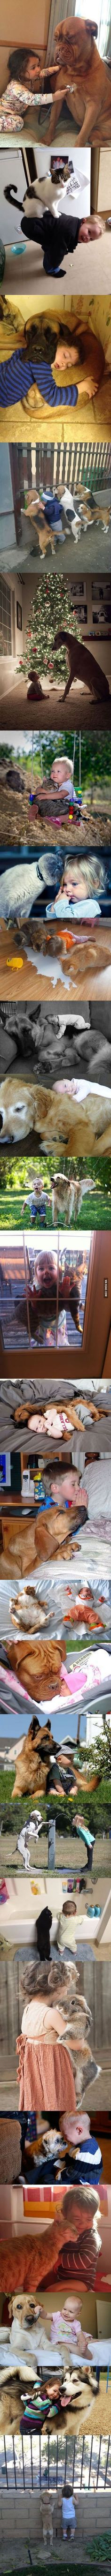 Ist dass nicht süß,wie die Kinder und die süßen Tierchen miteinander umgehen ?